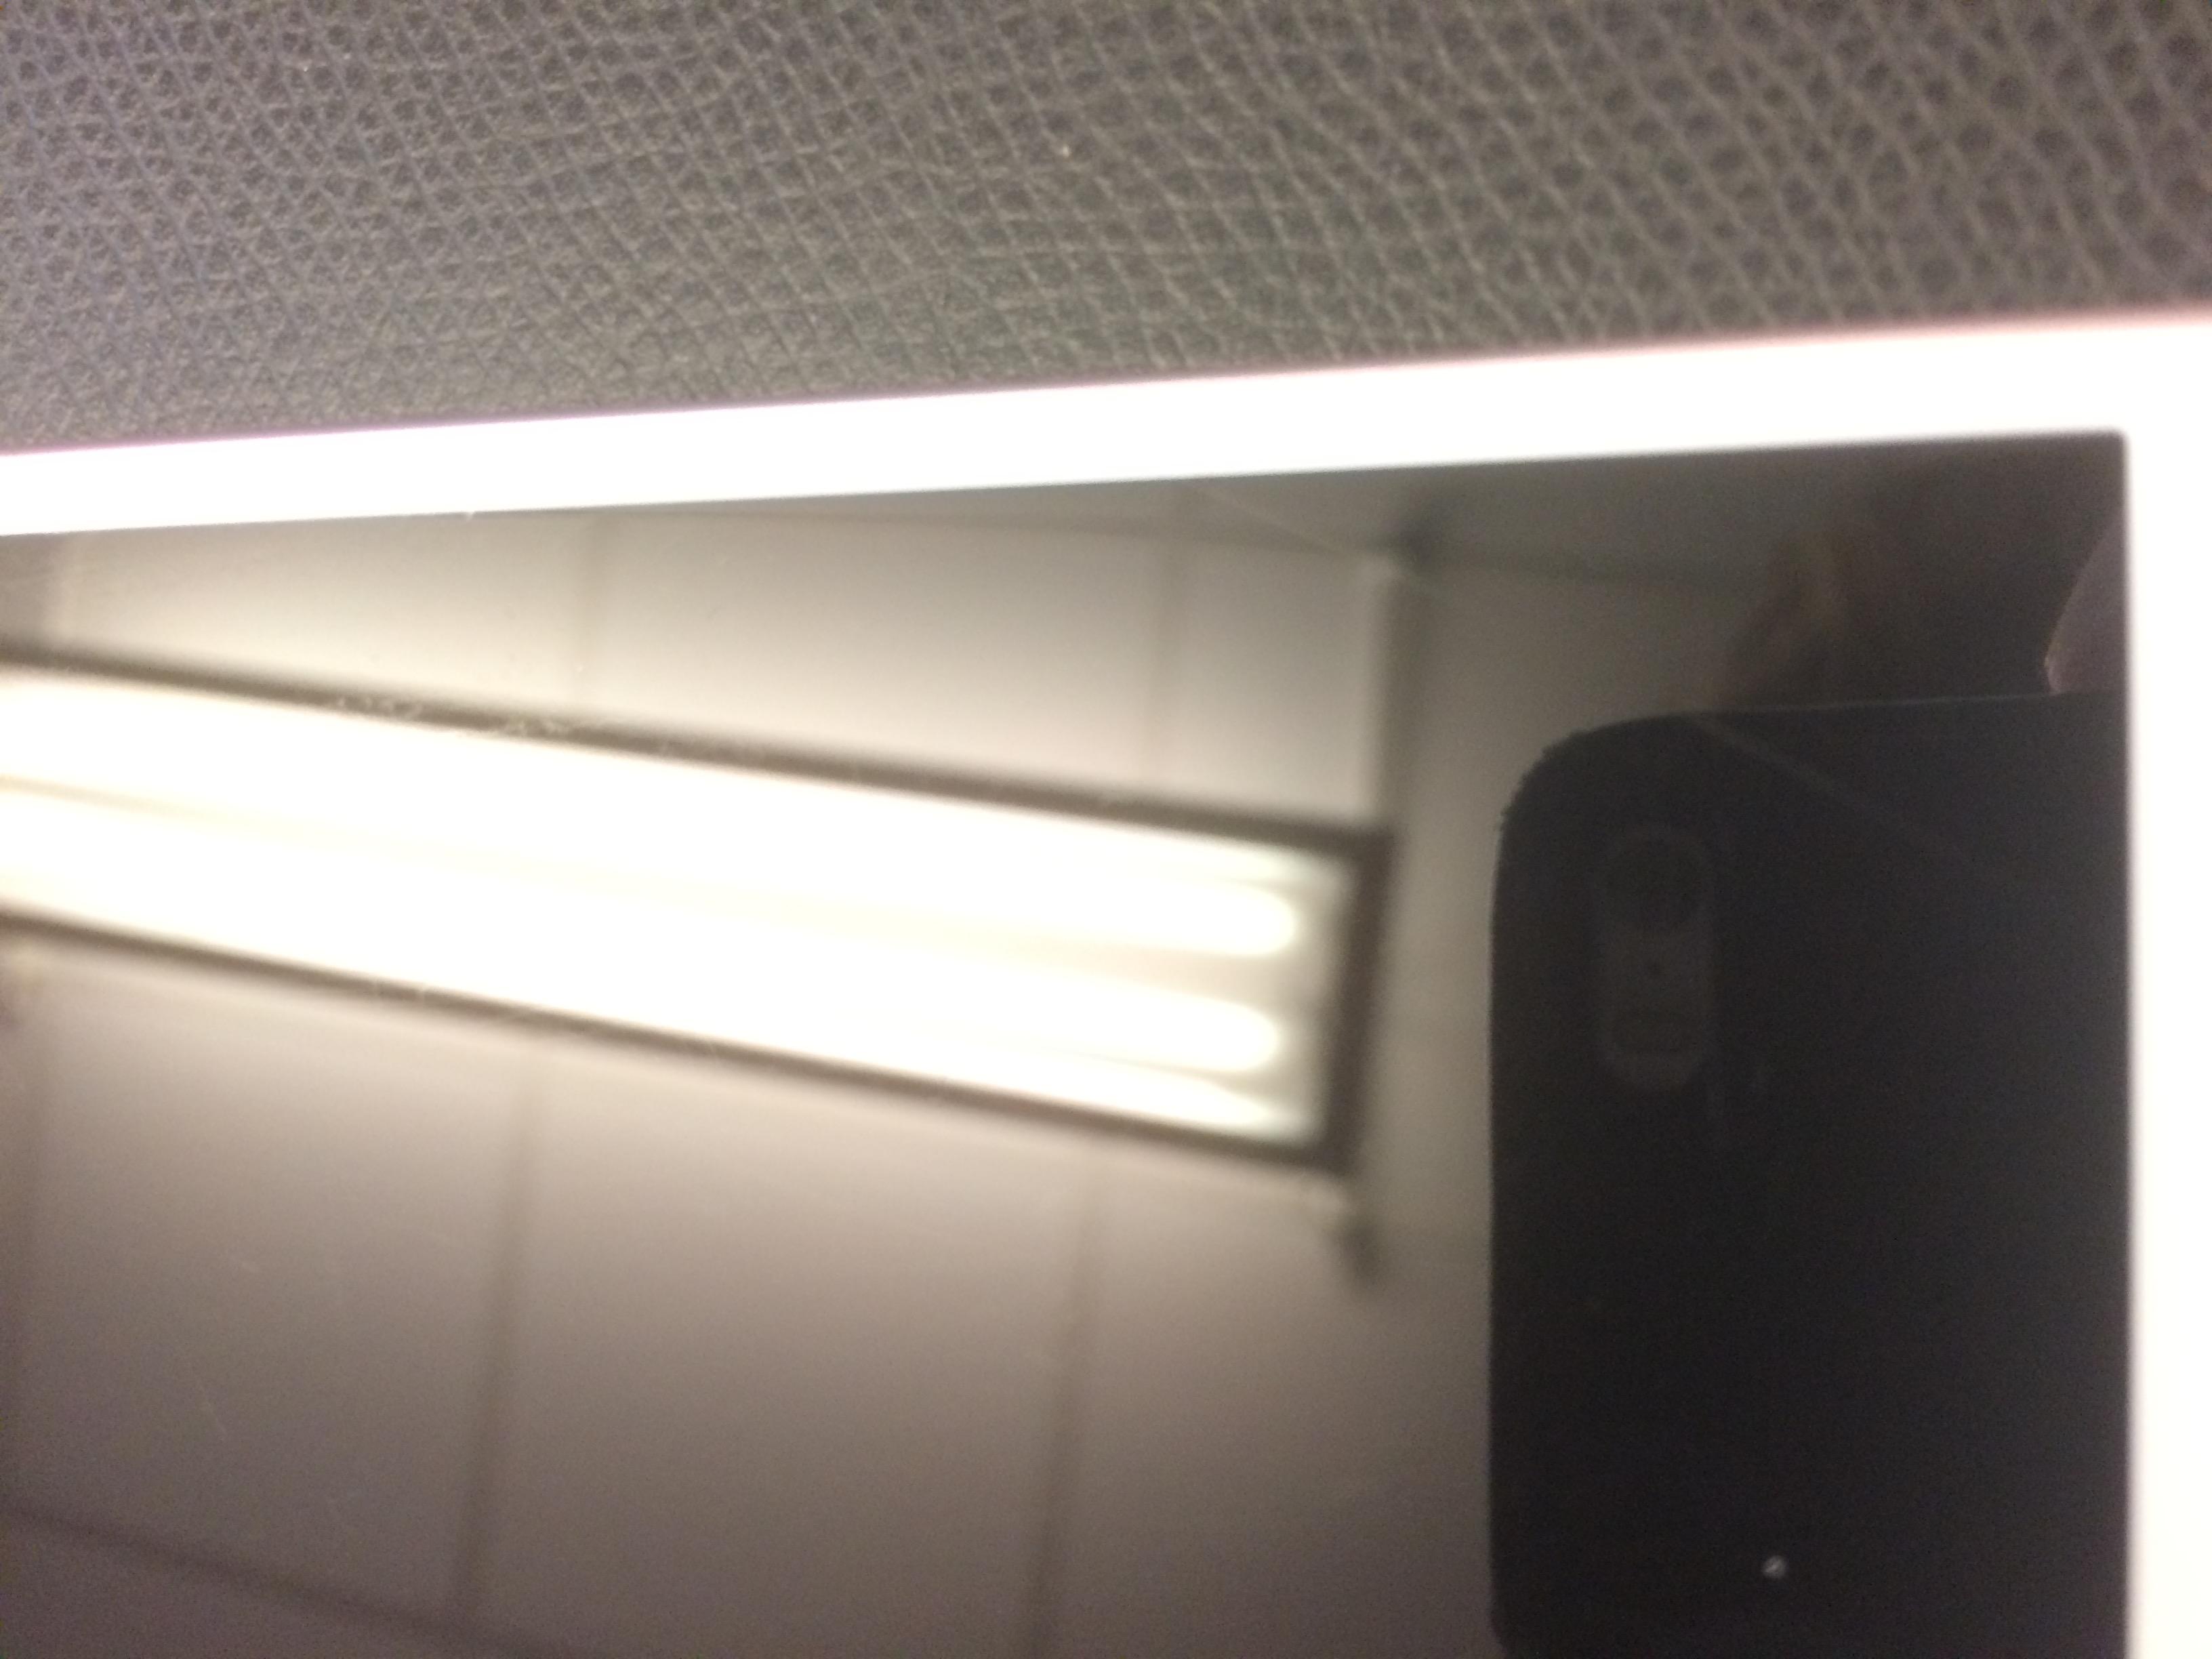 iPhone 6S Plus 128GB, 128GB, ROSE GOLD, bild 4